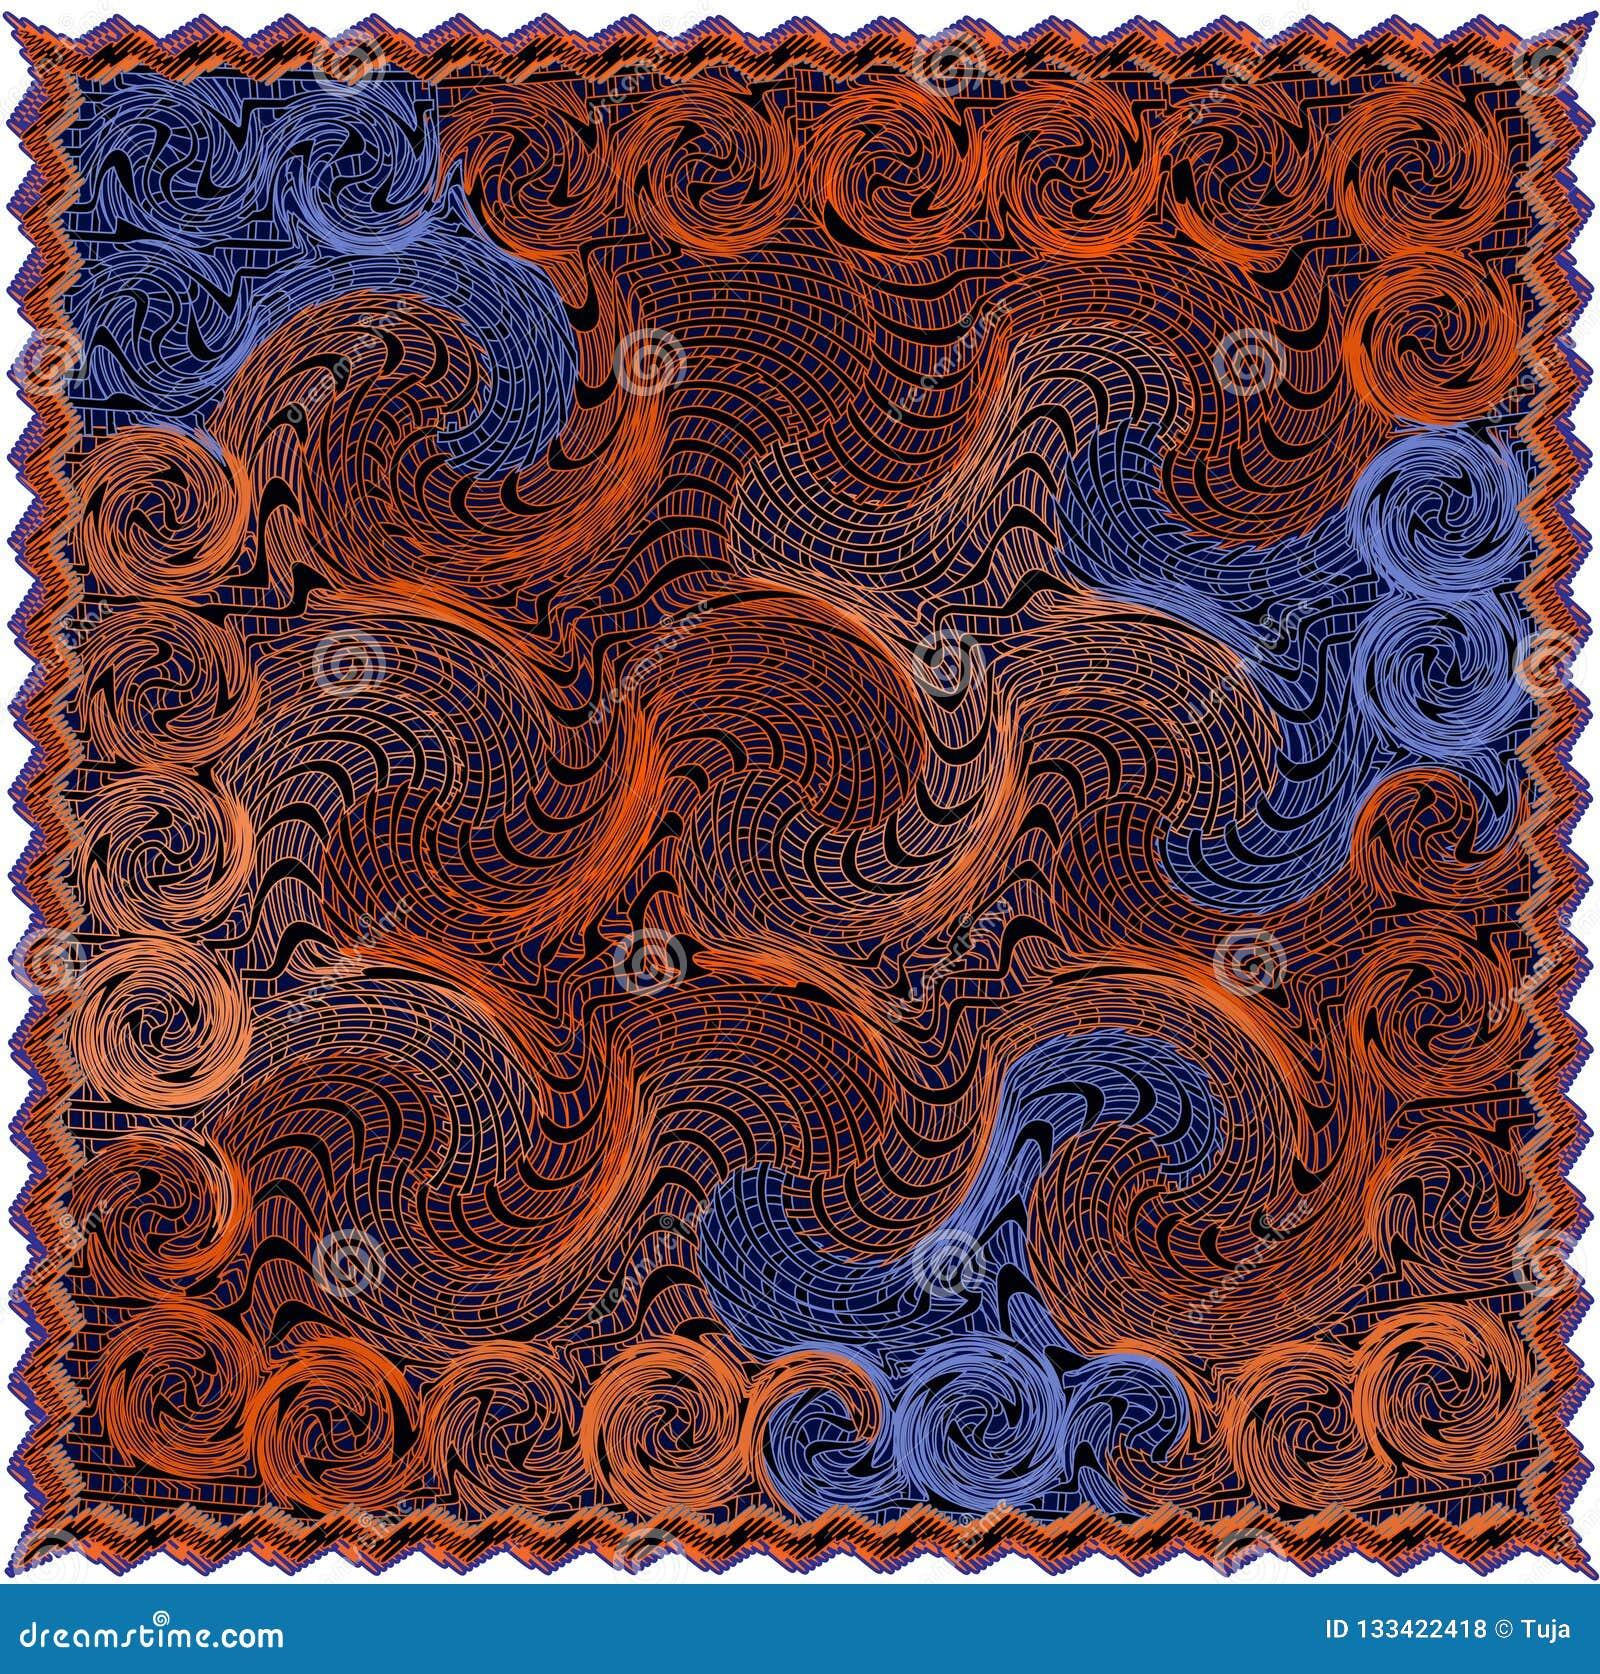 Tapisserie mit gestreiftem und gewirbeltem Muster des Schmutzes in der Orange, braune, blaue Farben mit Franse